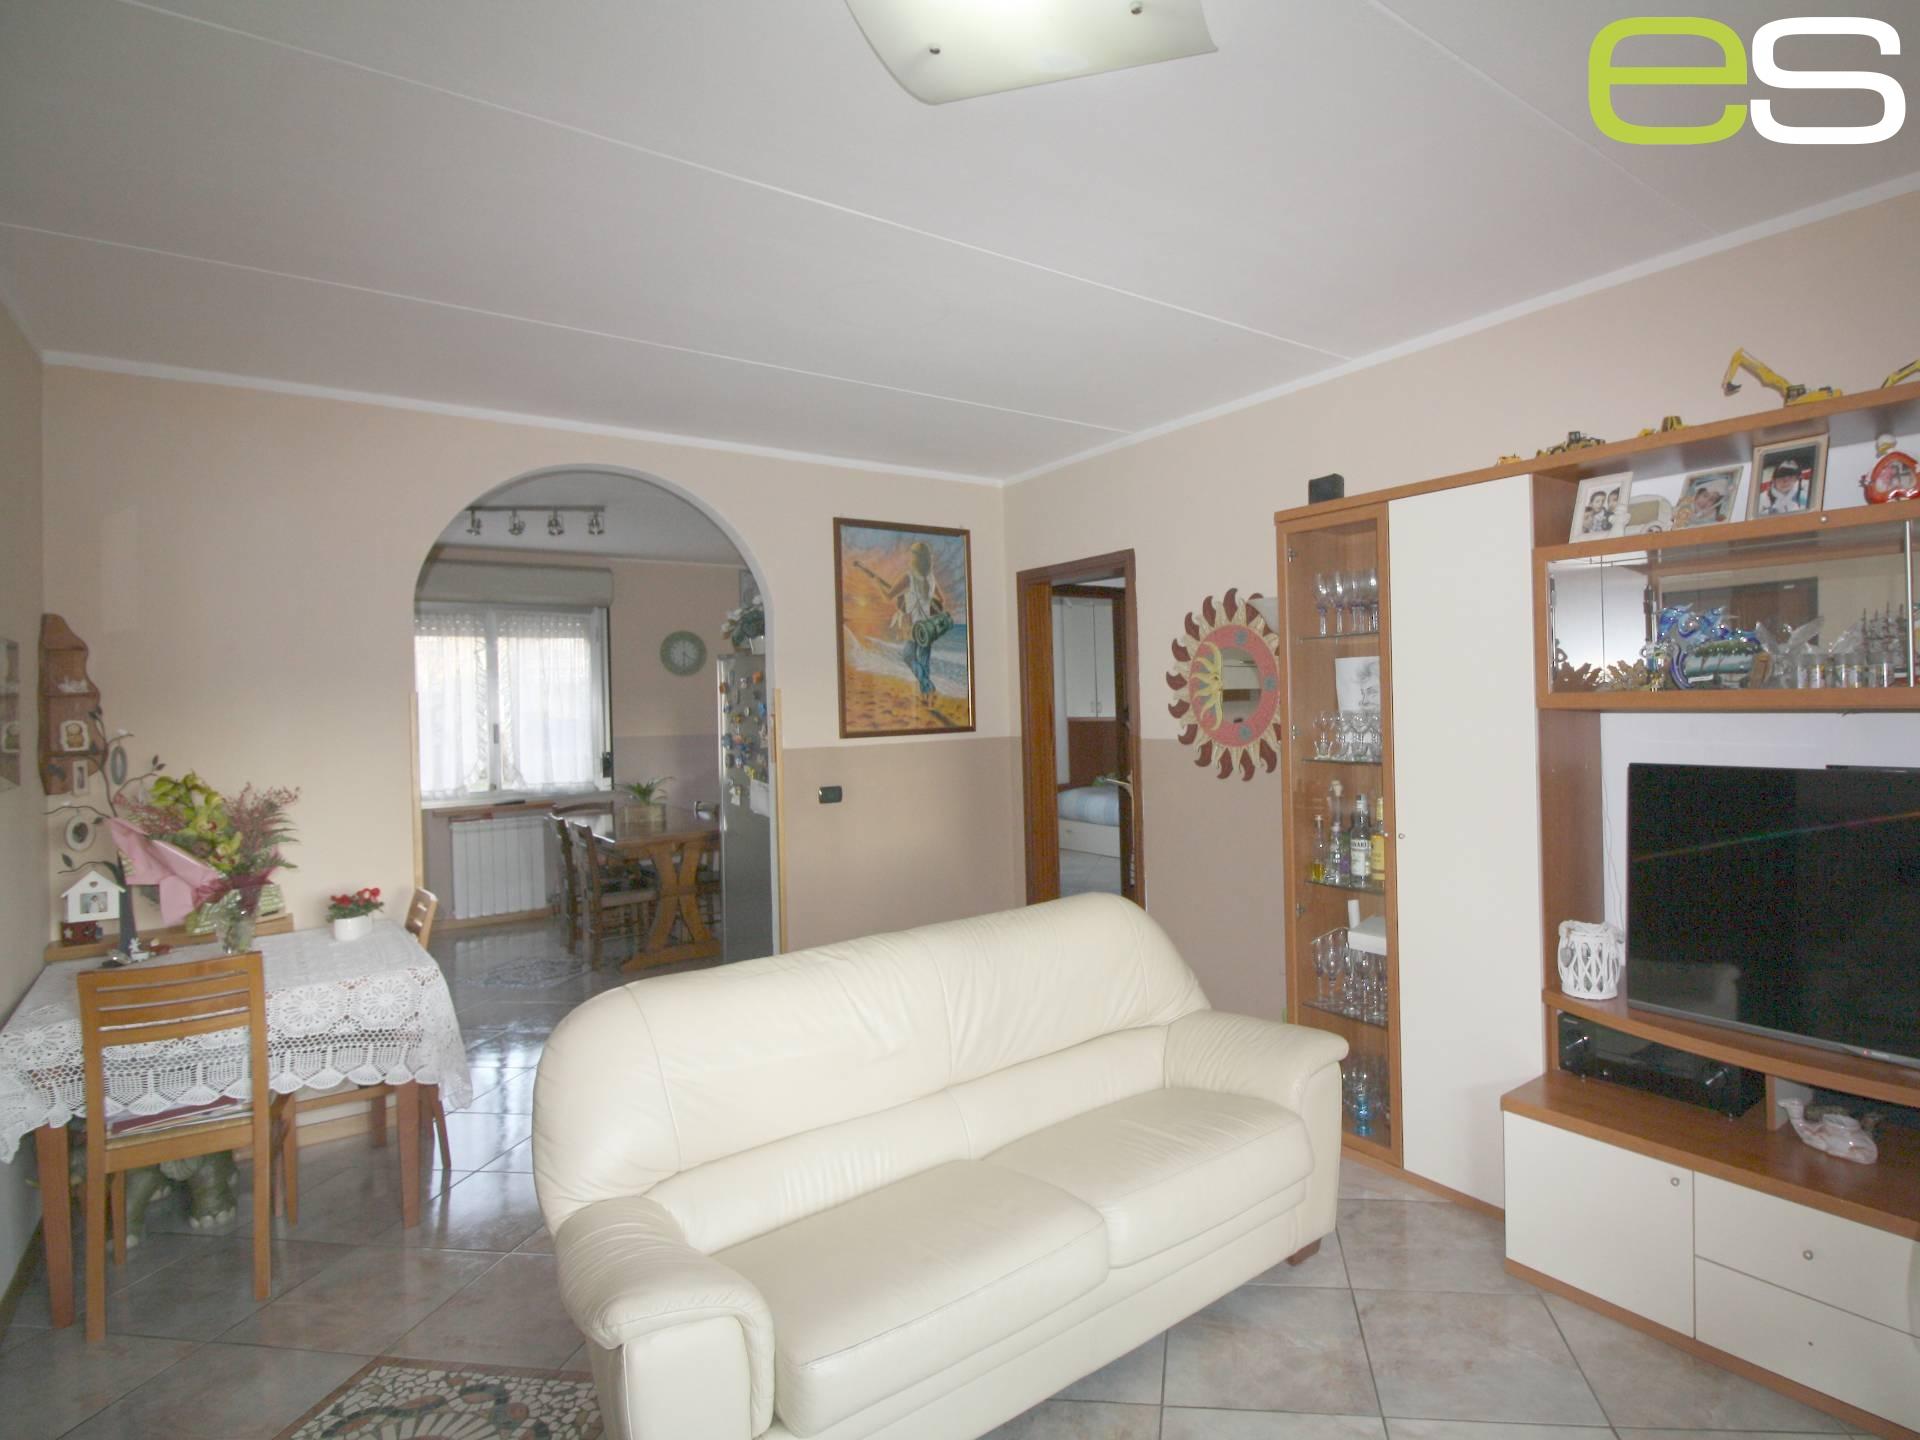 Appartamento in vendita a Barzago, 1 locali, prezzo € 129.000 | Cambio Casa.it